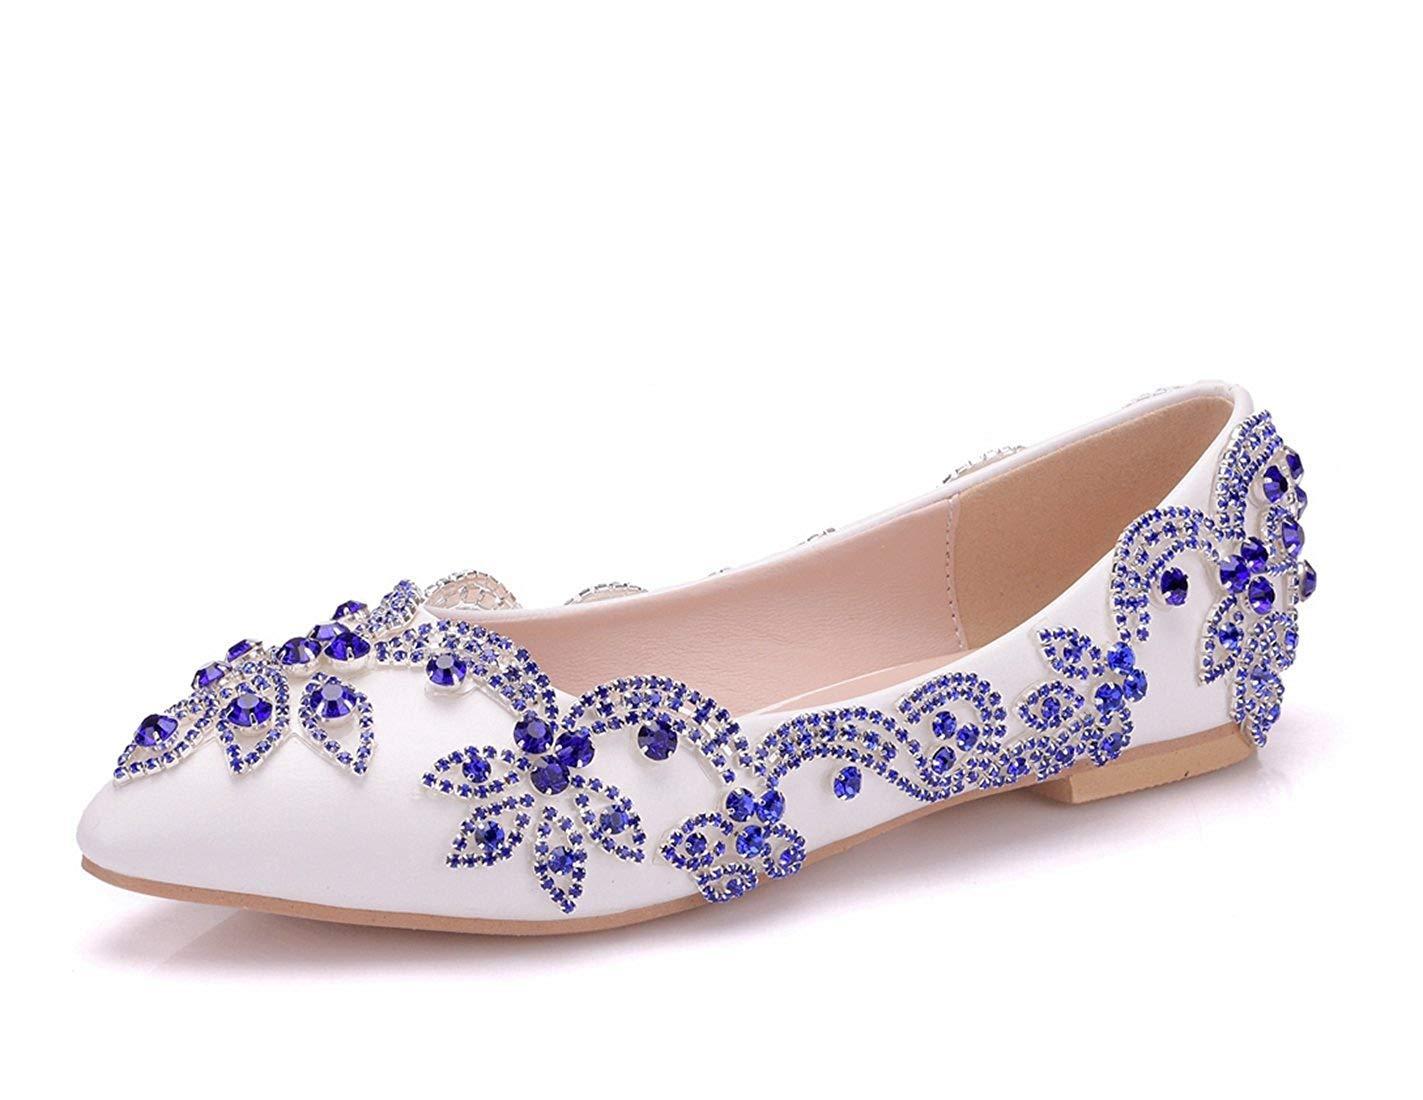 Qiusa Frauen Applique Handmade Elfenbein B25Satin Hochzeit Wohnungen UK 5 (Farbe   - Größe   -)